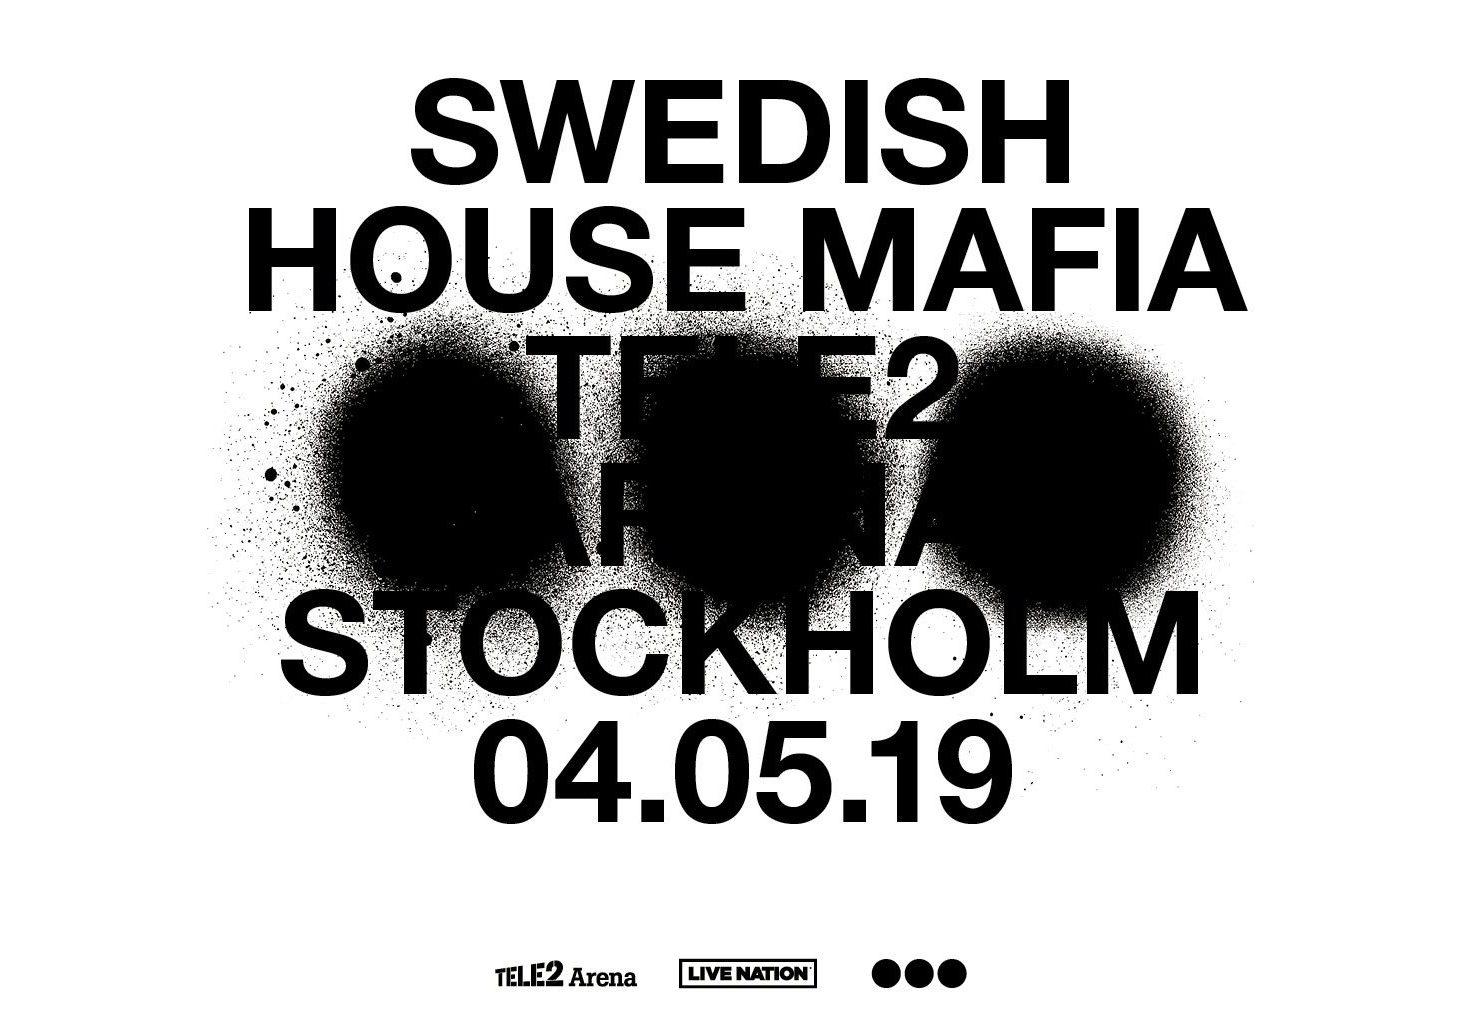 Swedish House Mafiaが記者会見をライブ配信!まず母国であるスウェーデンでのショーが決定!